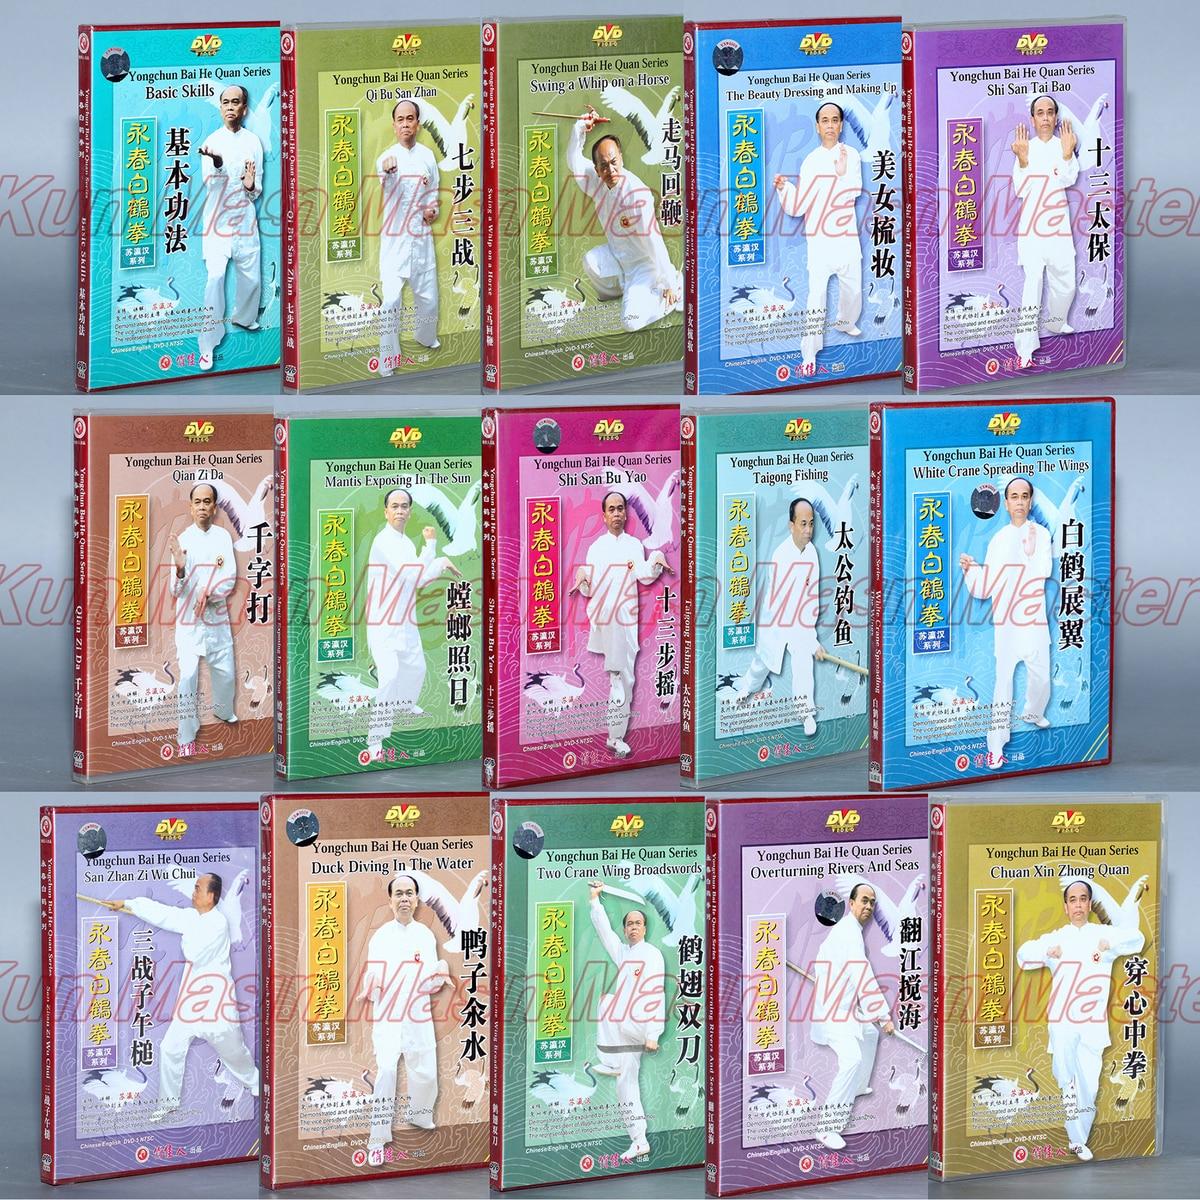 Un ensemble Yong Chun Quan Bai he quan série vidéo chinois Kung Fu disque Wing Chun enseignement DVD anglais sous-titres 15 DVD